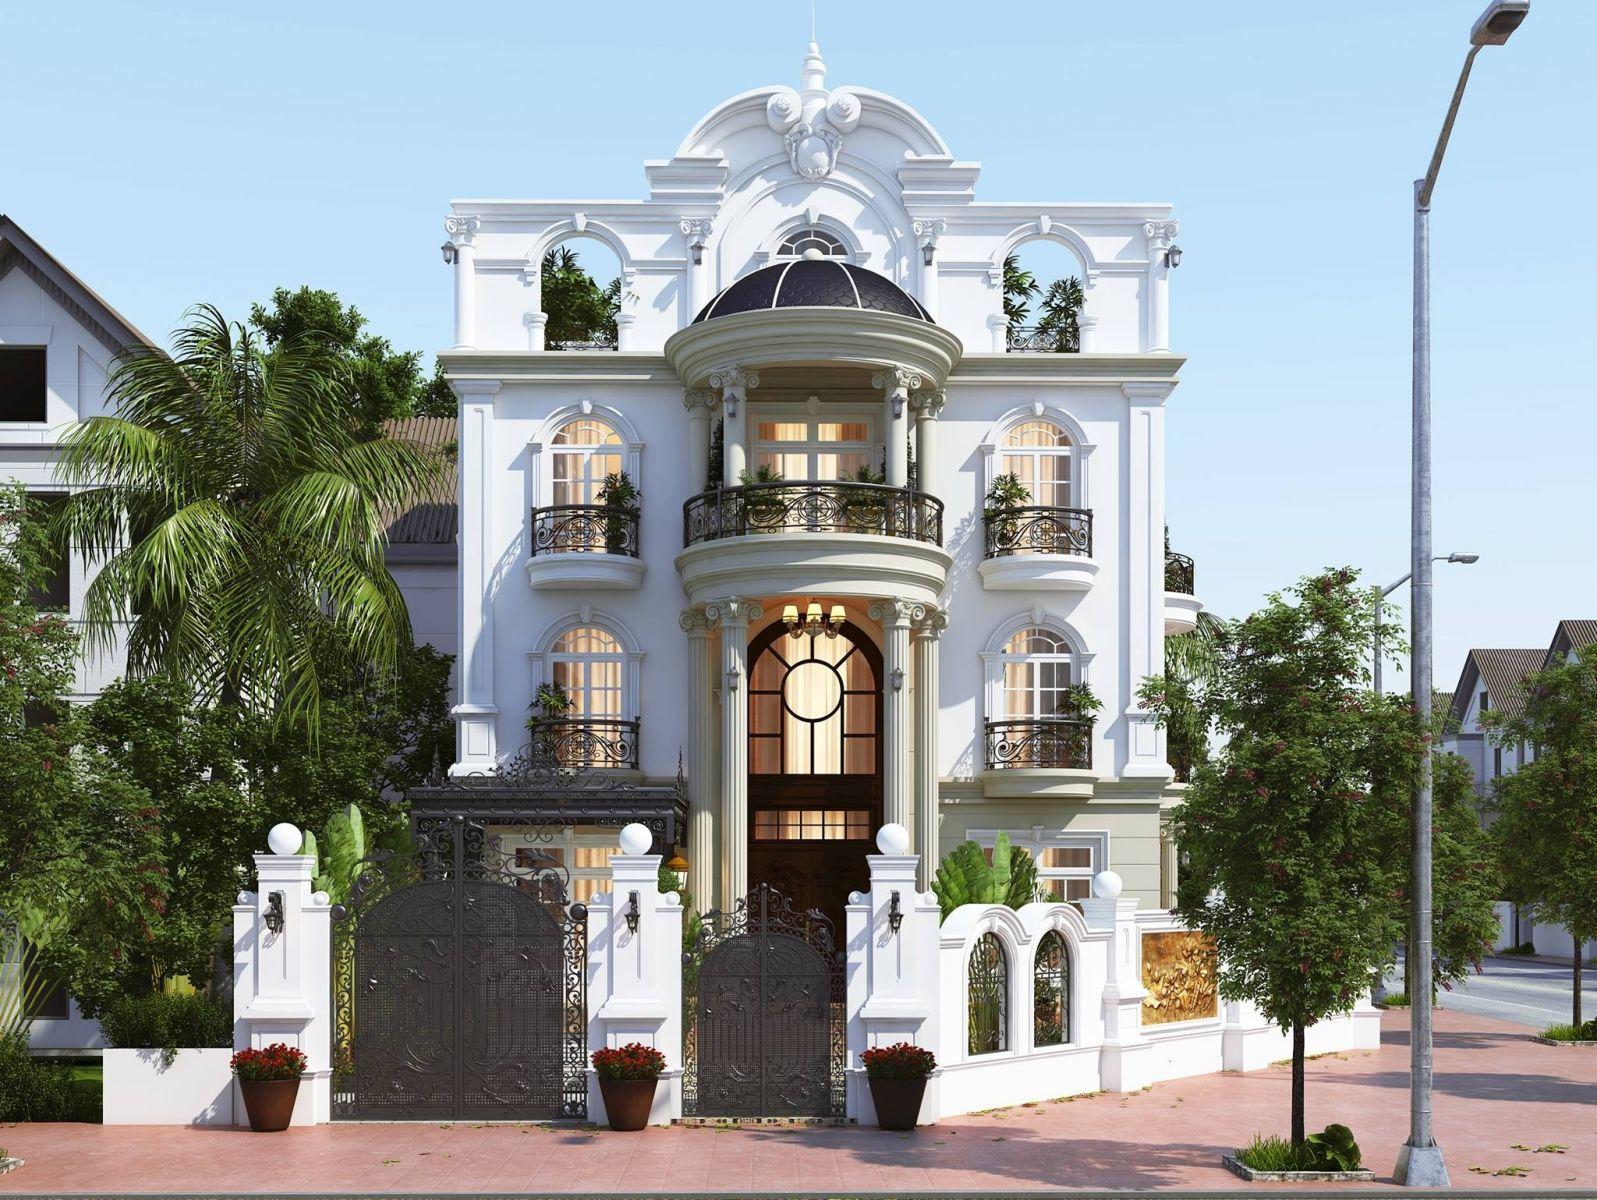 Biệt thự Tân cổ điển 3 tầng – Top 500 mẫu nhà biệt thự đẹp nhất VN